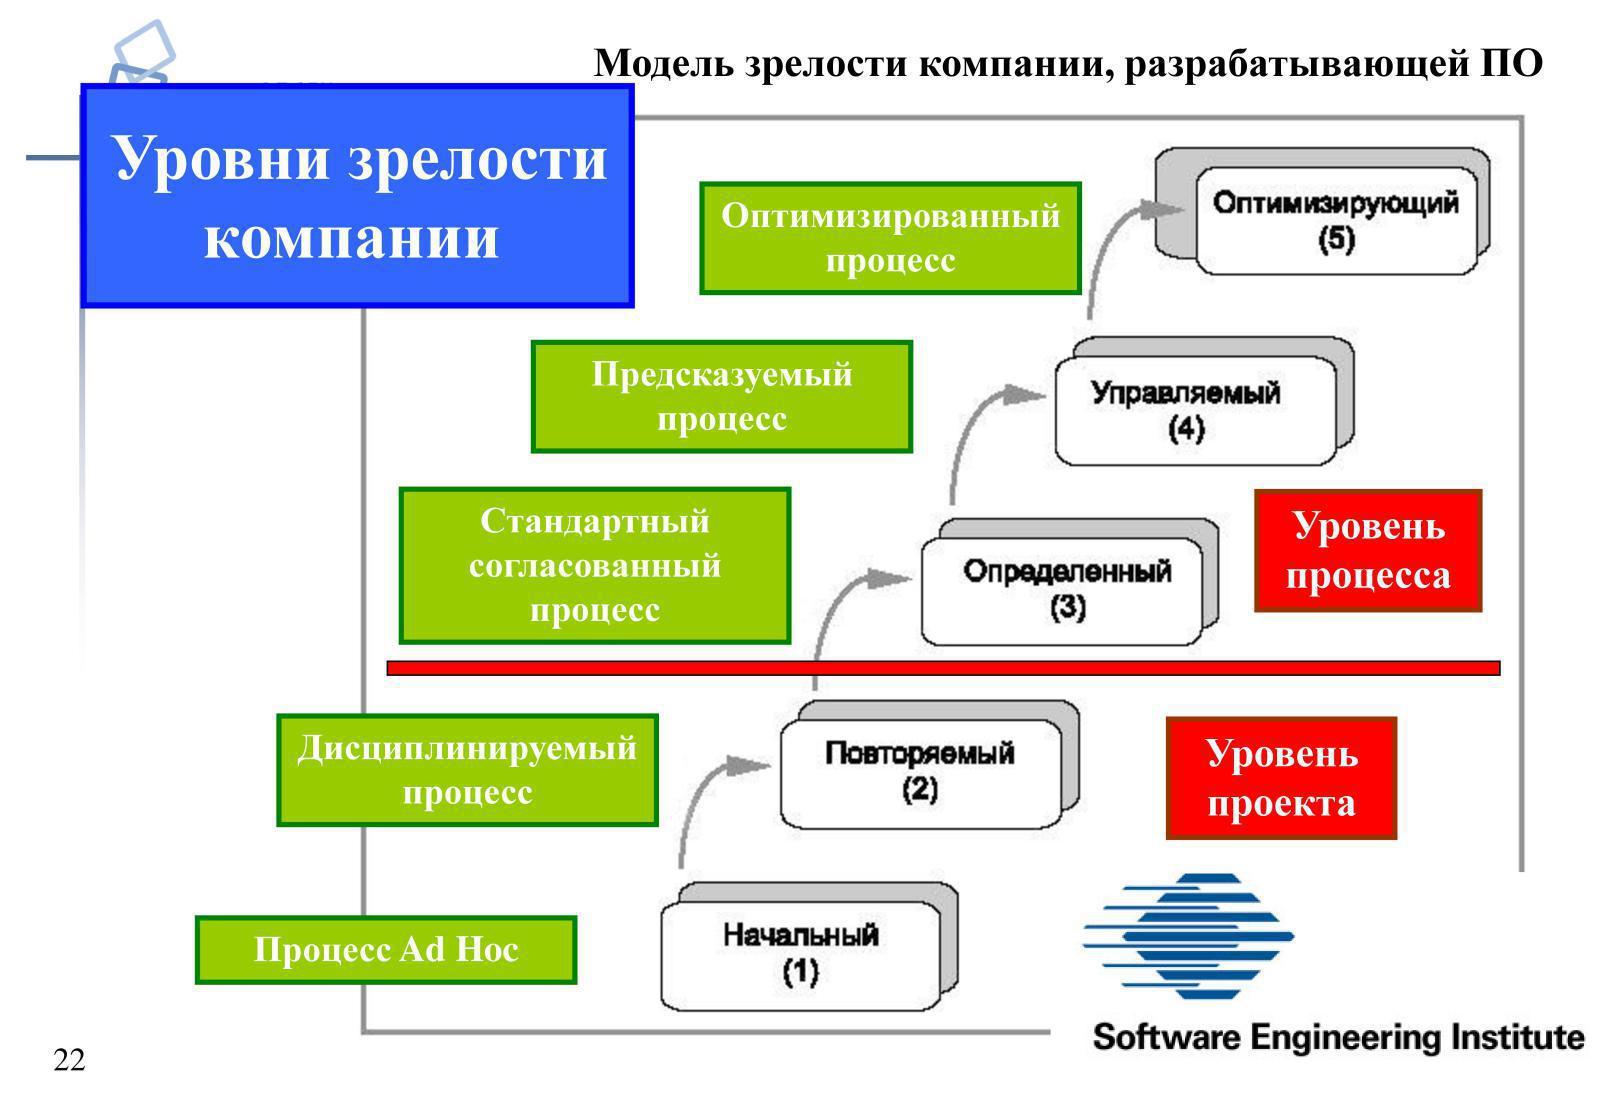 Управления сущность, модели система шпаргалка проектами зрелости корпоративная